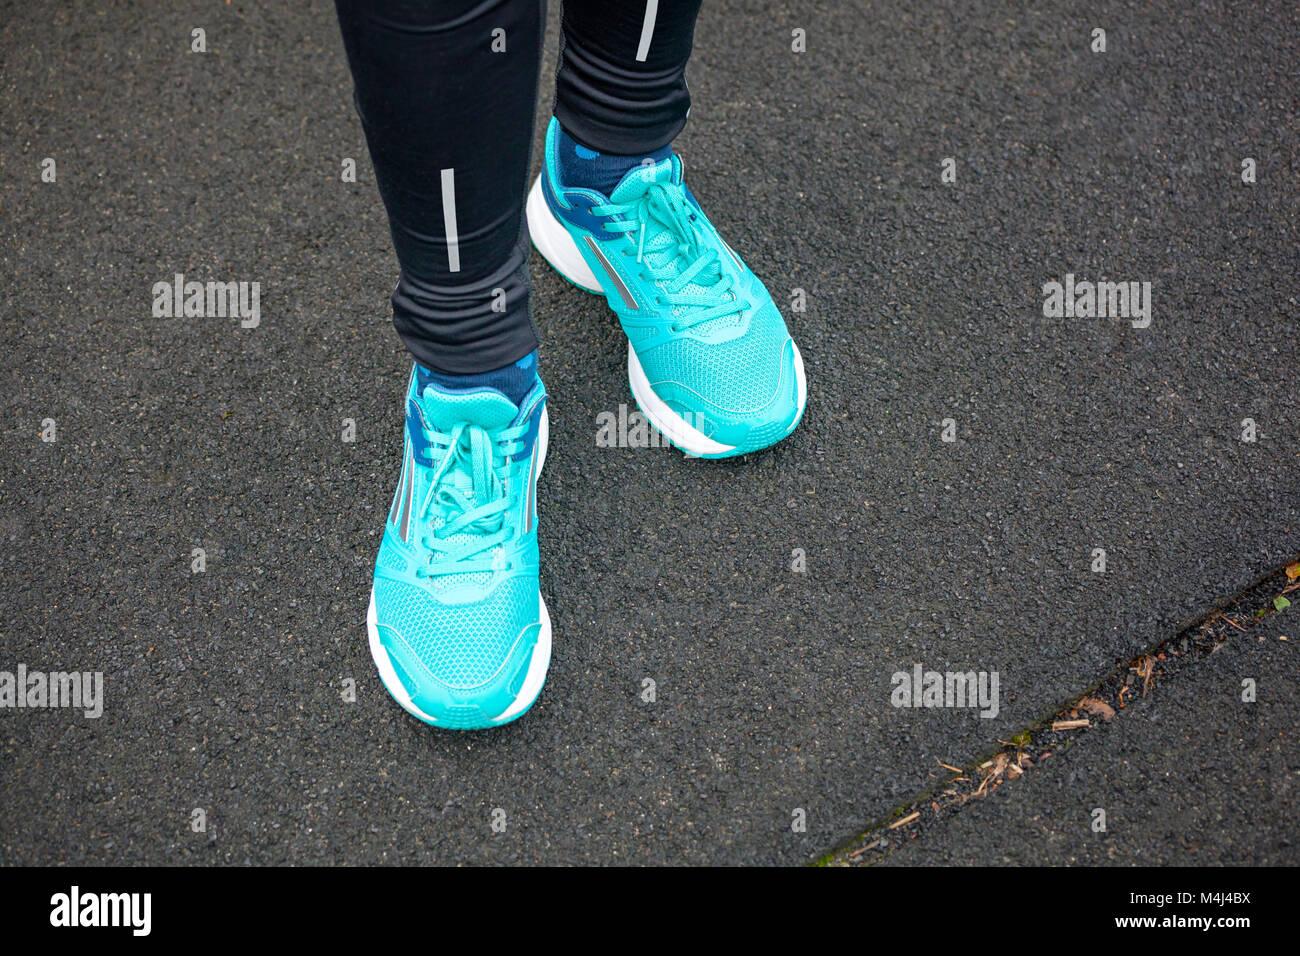 low priced fe048 98604 La donna per le gambe in blu con scarpe da corsa in piedi su ...